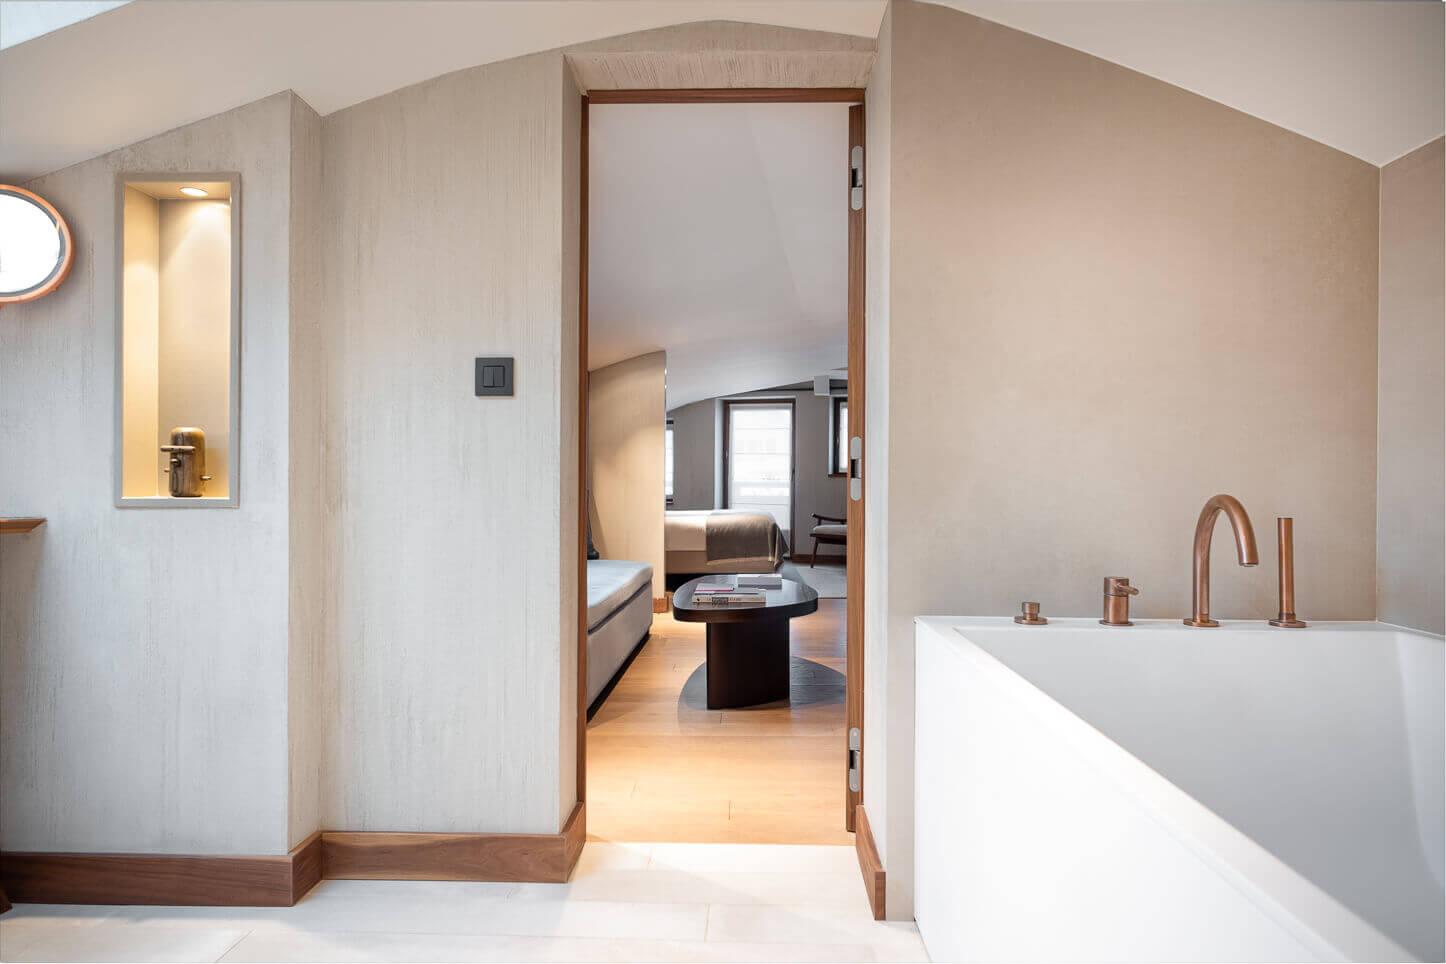 Chambre familiale - salle de bains parentale et baignoire